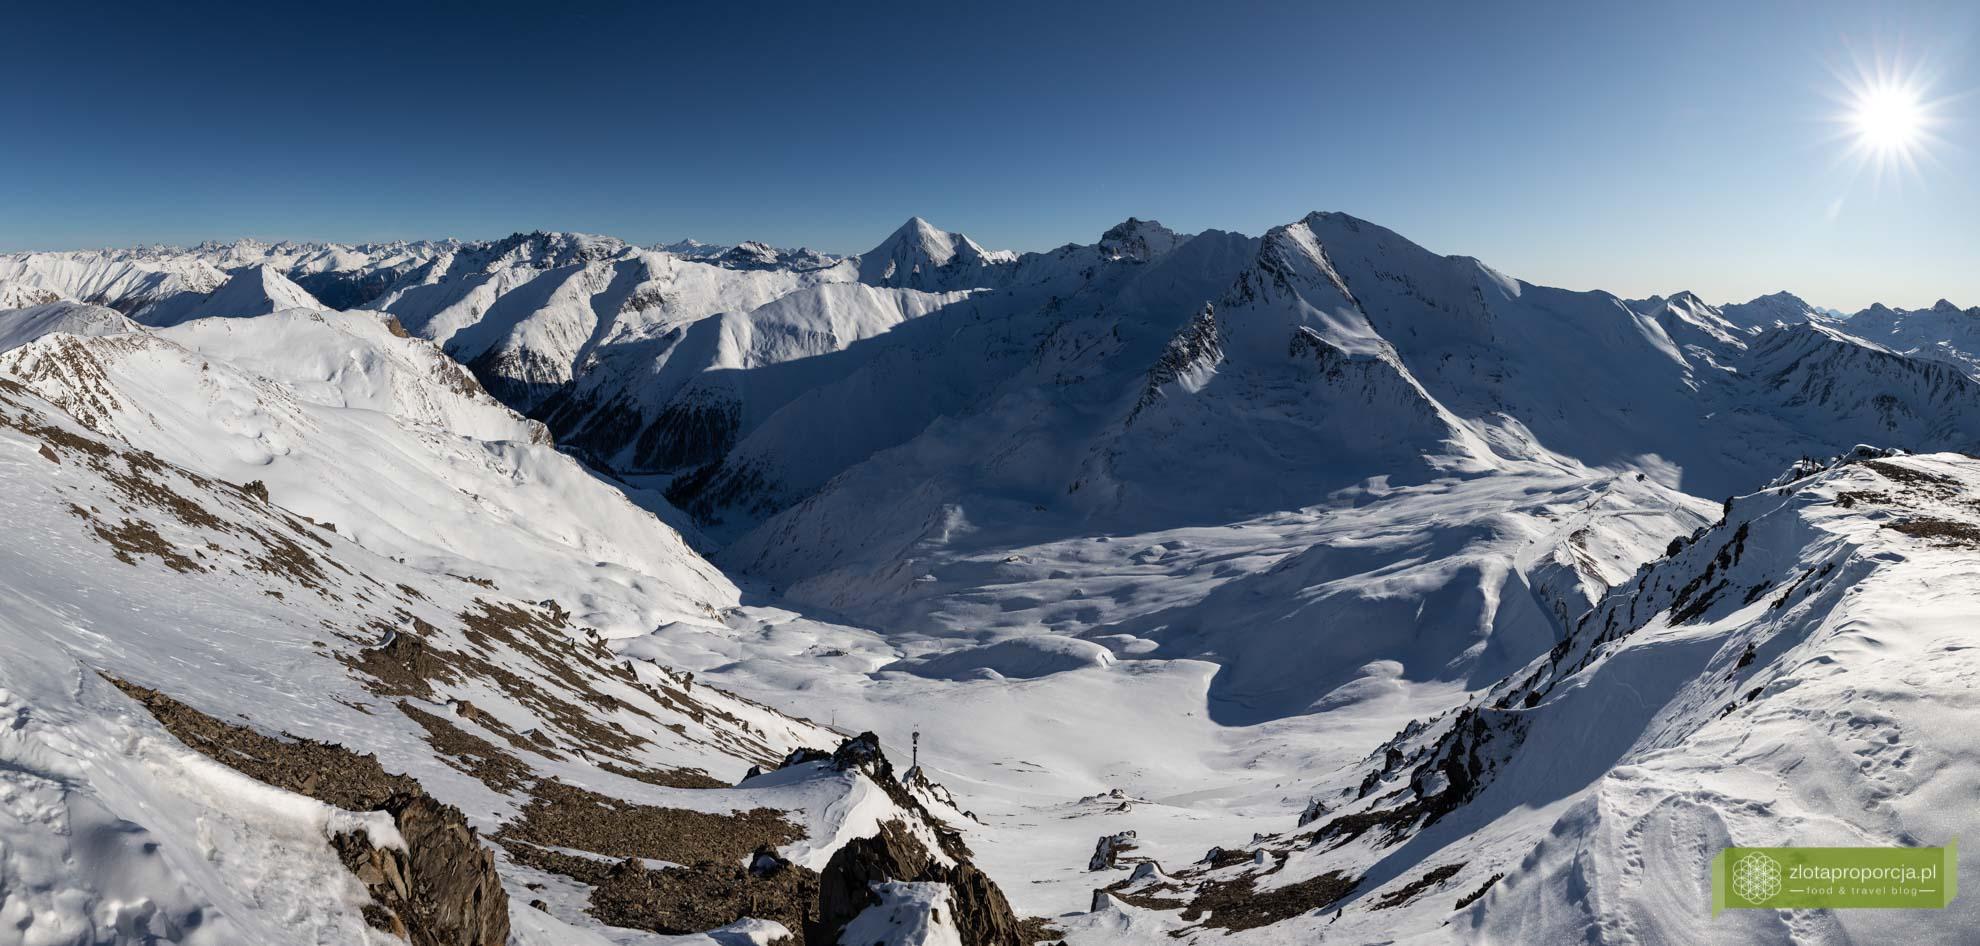 Ischgl; Tyrol; narty w Tyrolu; narty w Austrii; Ischgl trasy; Silvretta Arena; Ischgl narty;